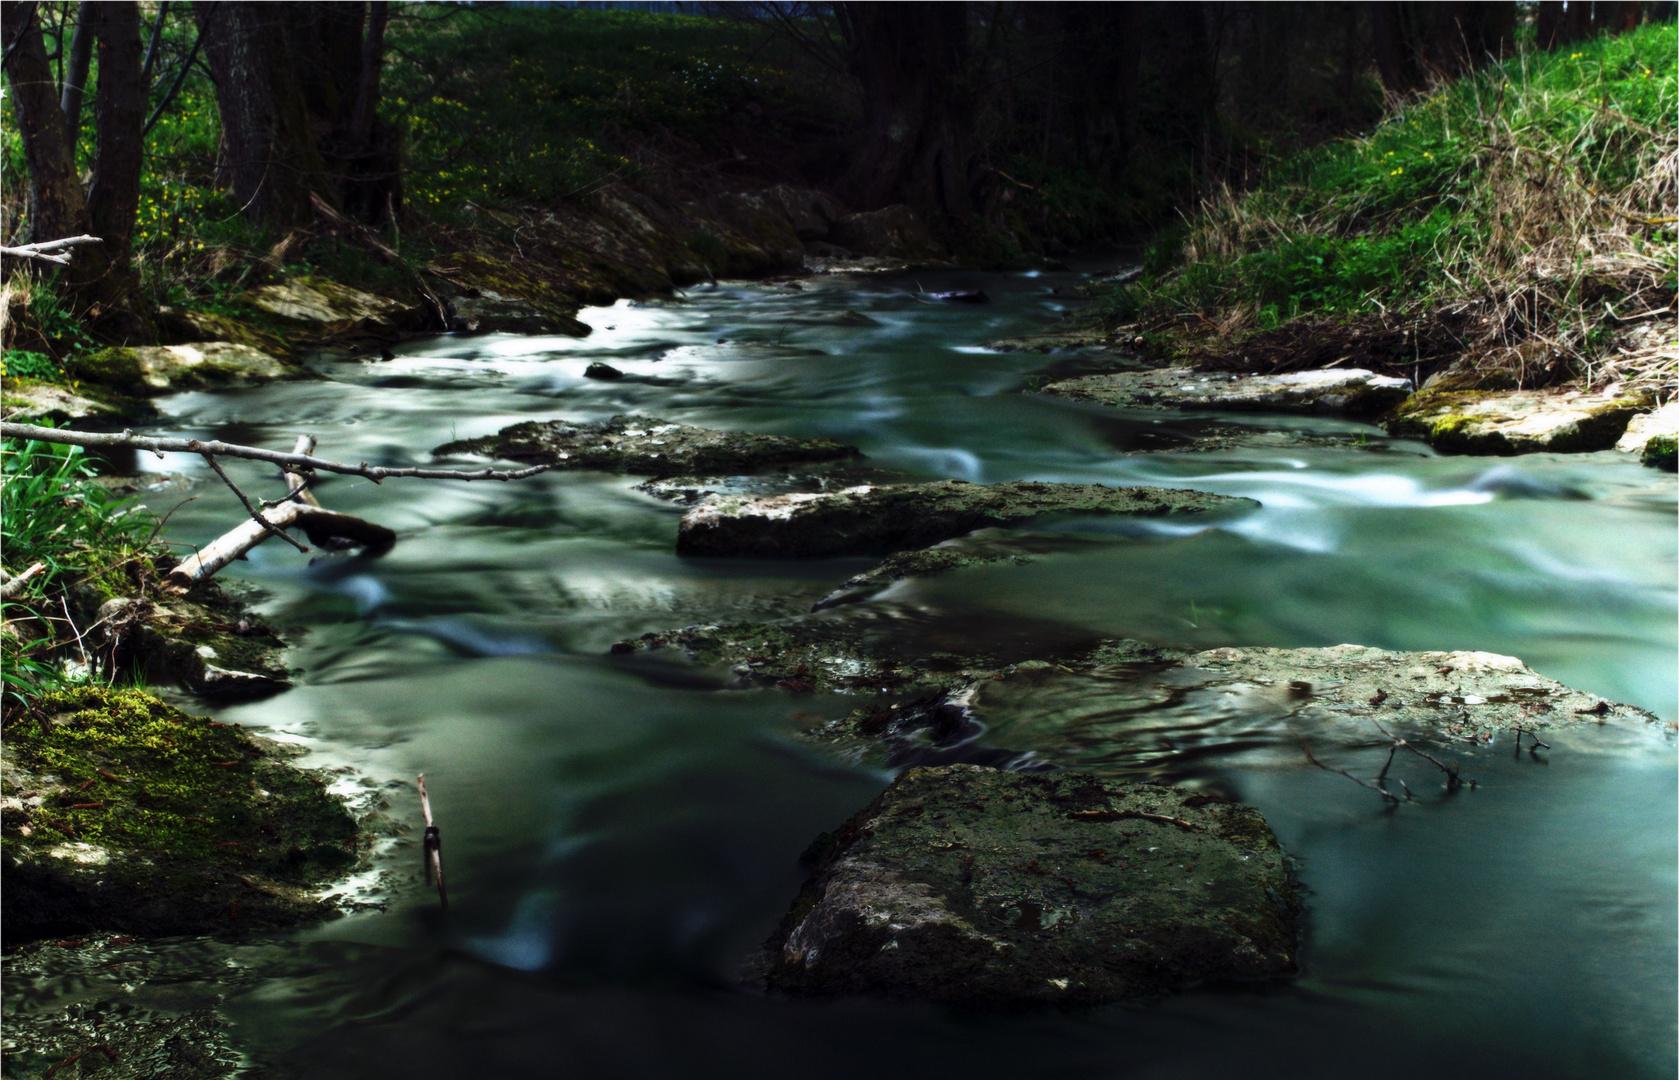 Water in a dream